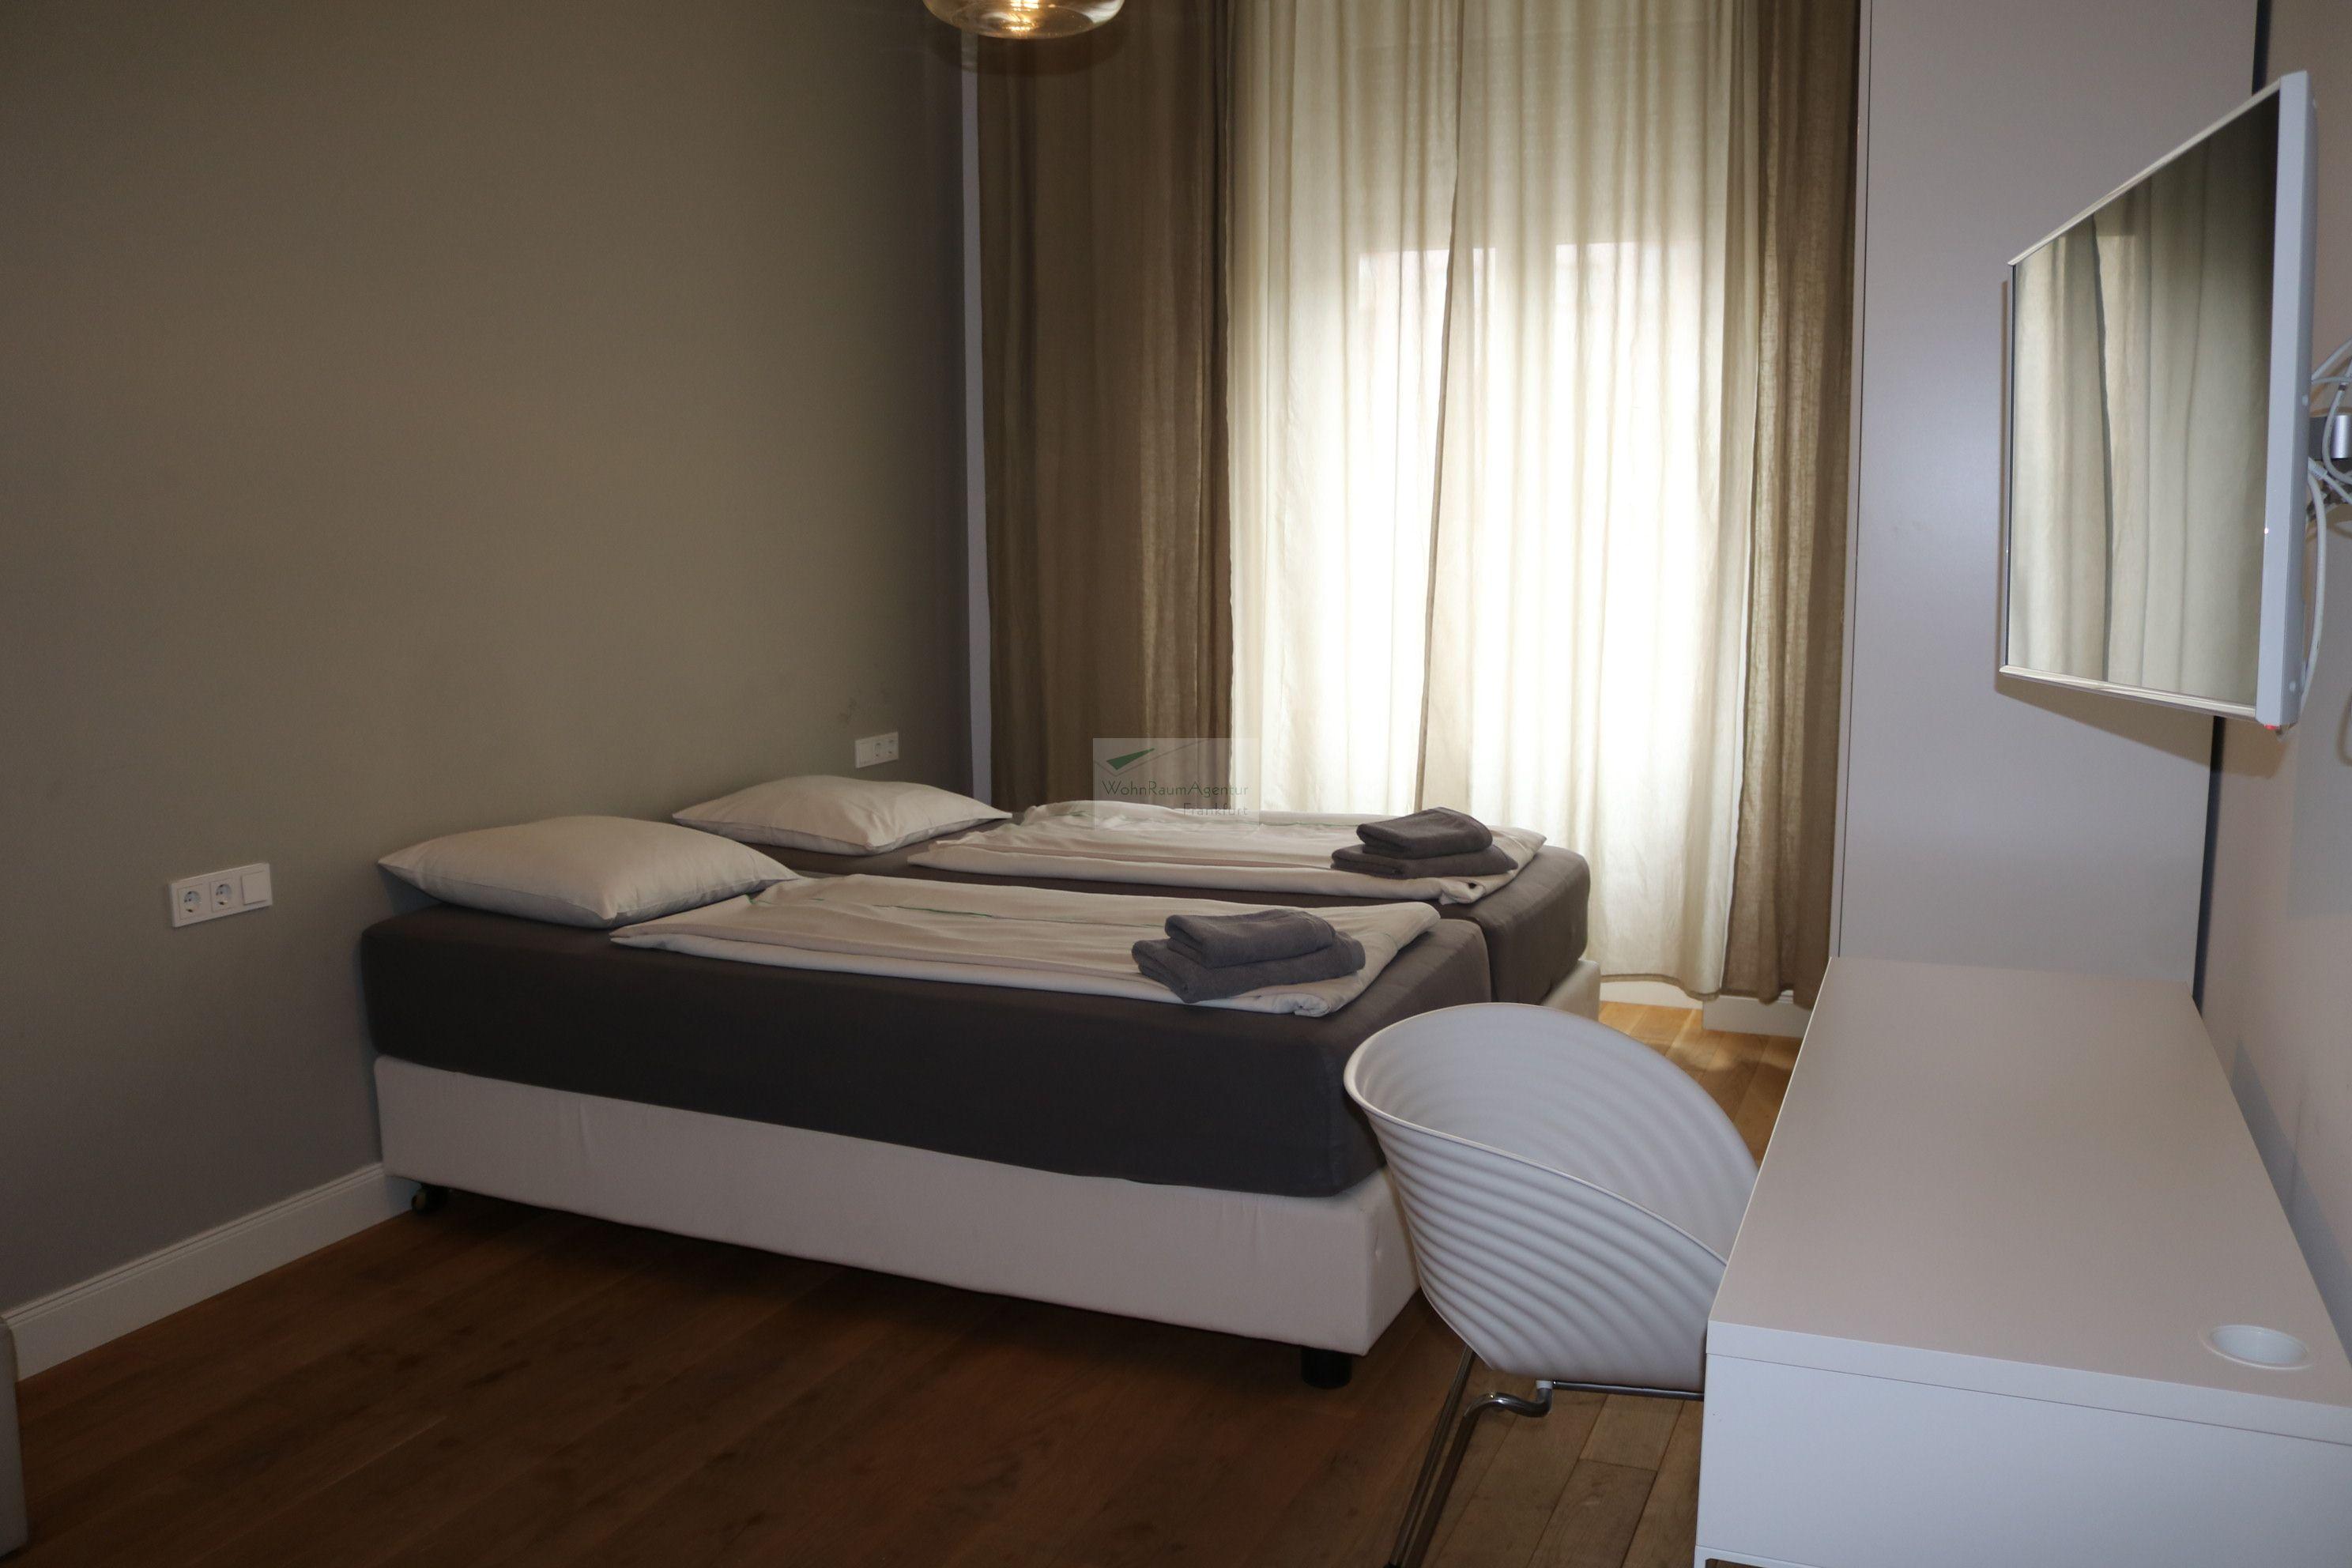 frankfurt innenstadt 4 zimmer wohnung 4773 wohnraumagentur. Black Bedroom Furniture Sets. Home Design Ideas